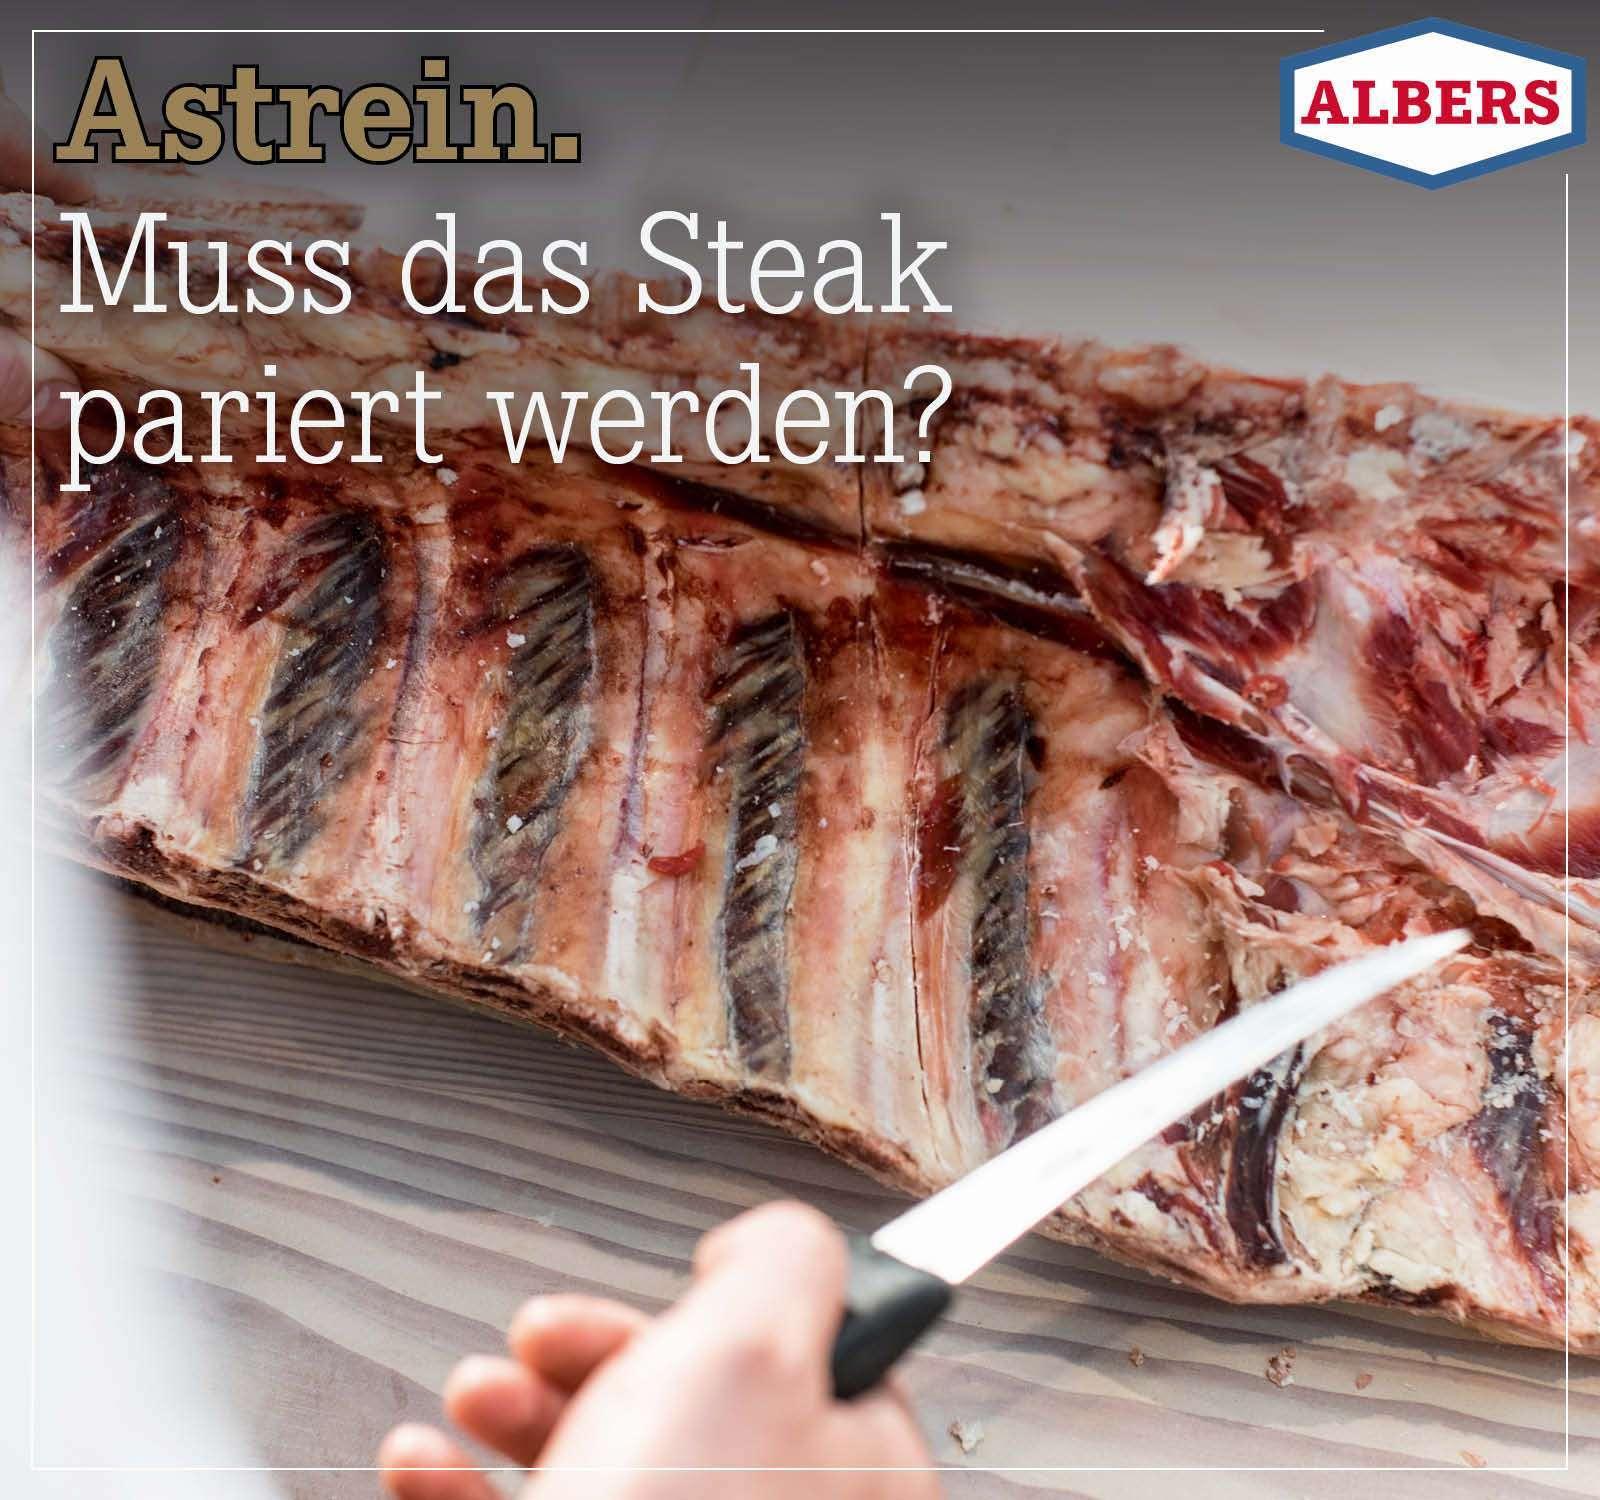 Astrein. Muss das Steak pariert werden?